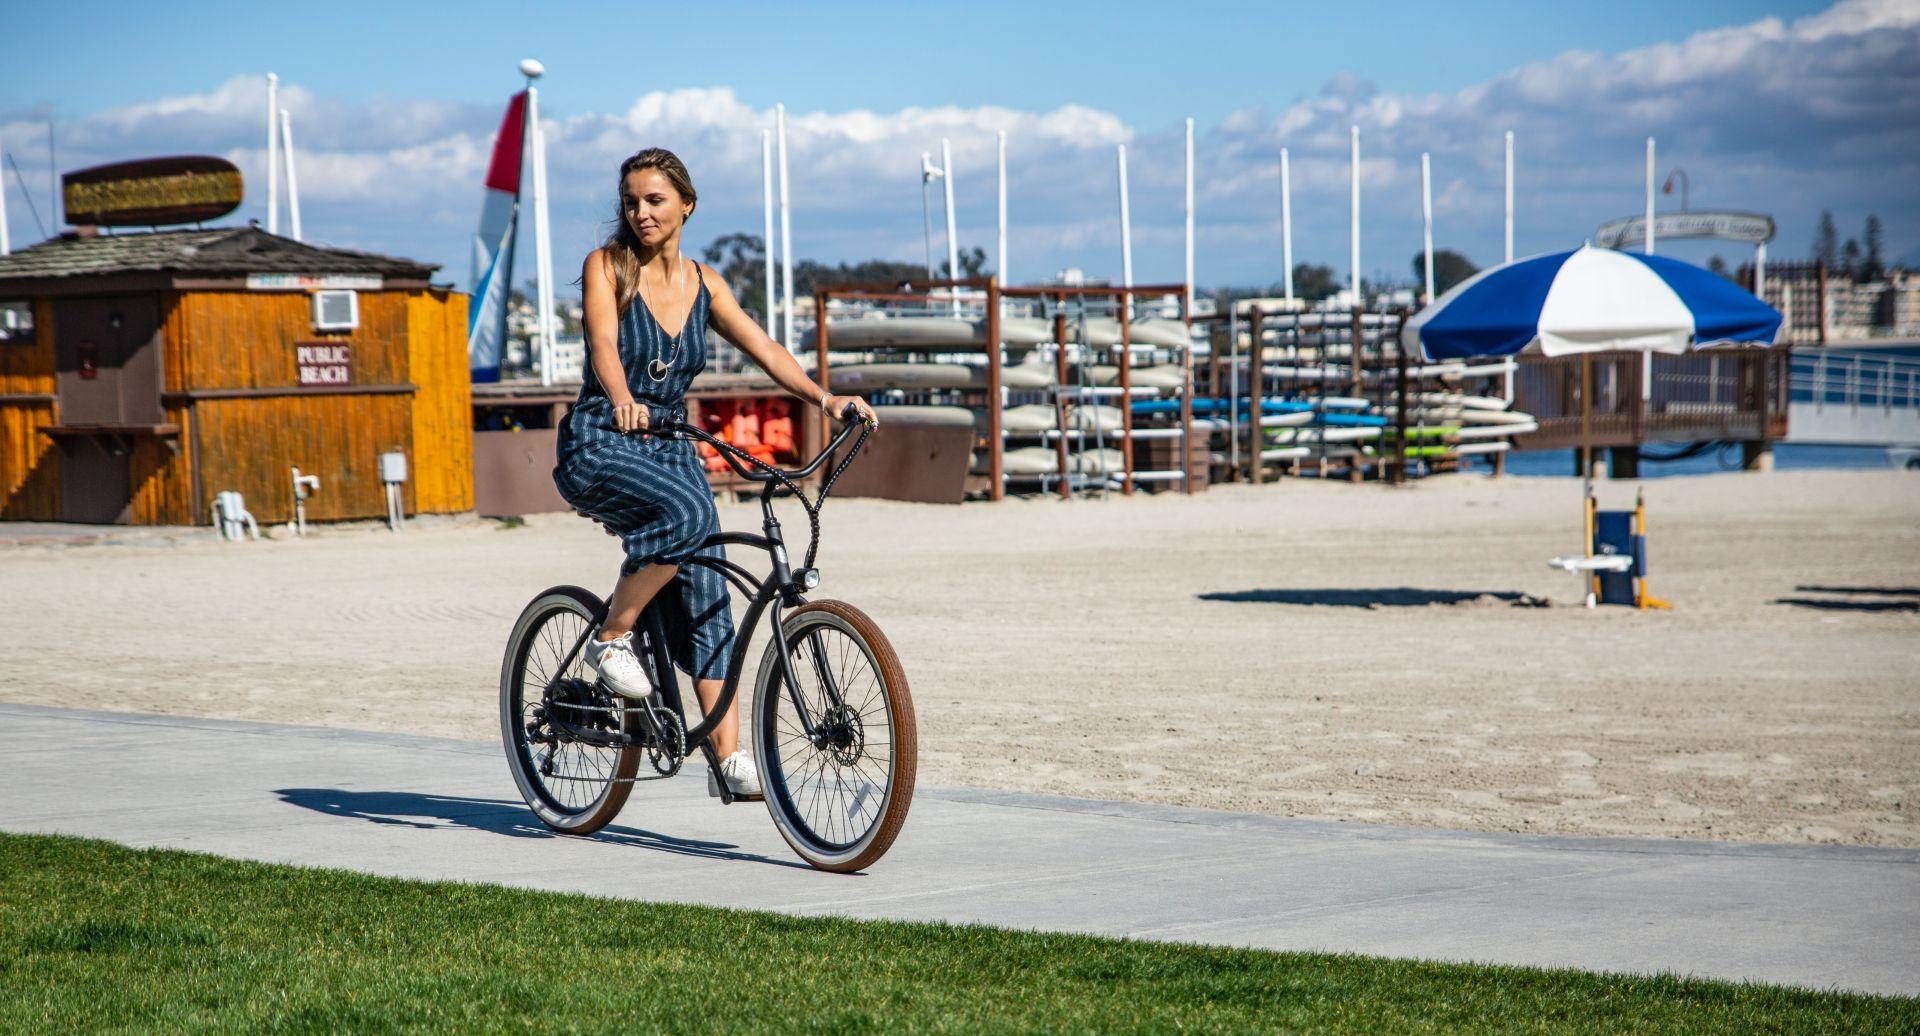 Kako izbrati najboljše žensko električno kolo